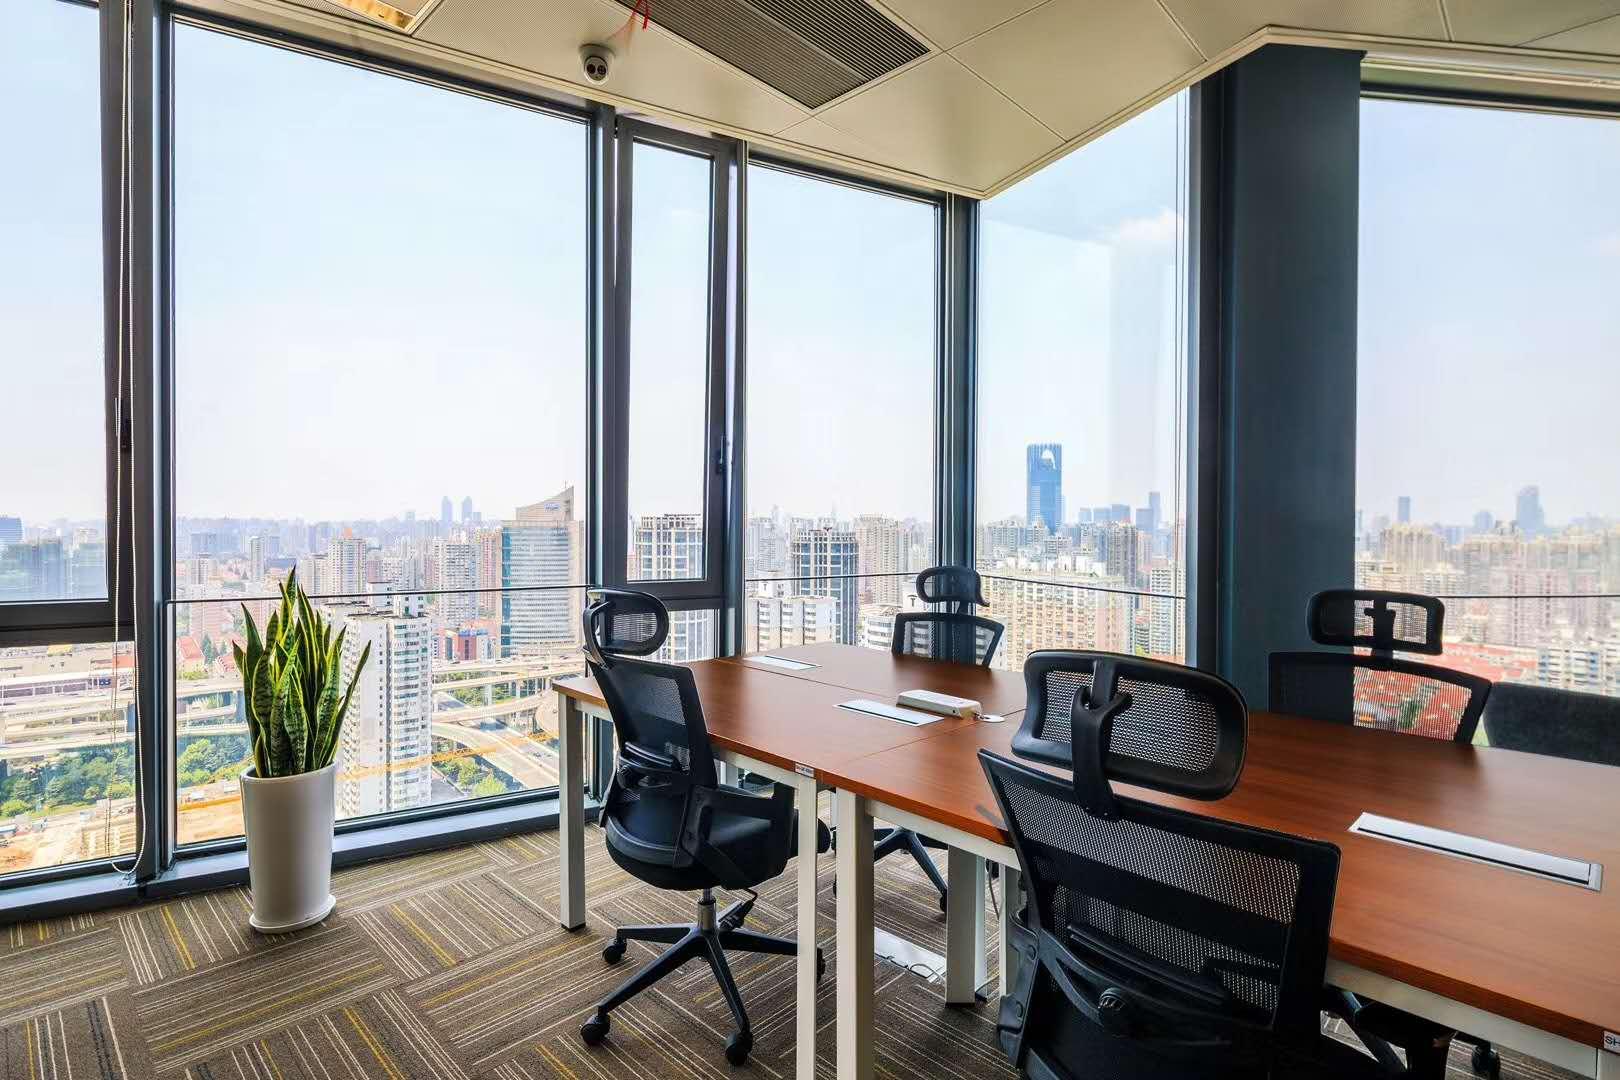 上海歌斐中心优客工场出租2人间带窗户现房